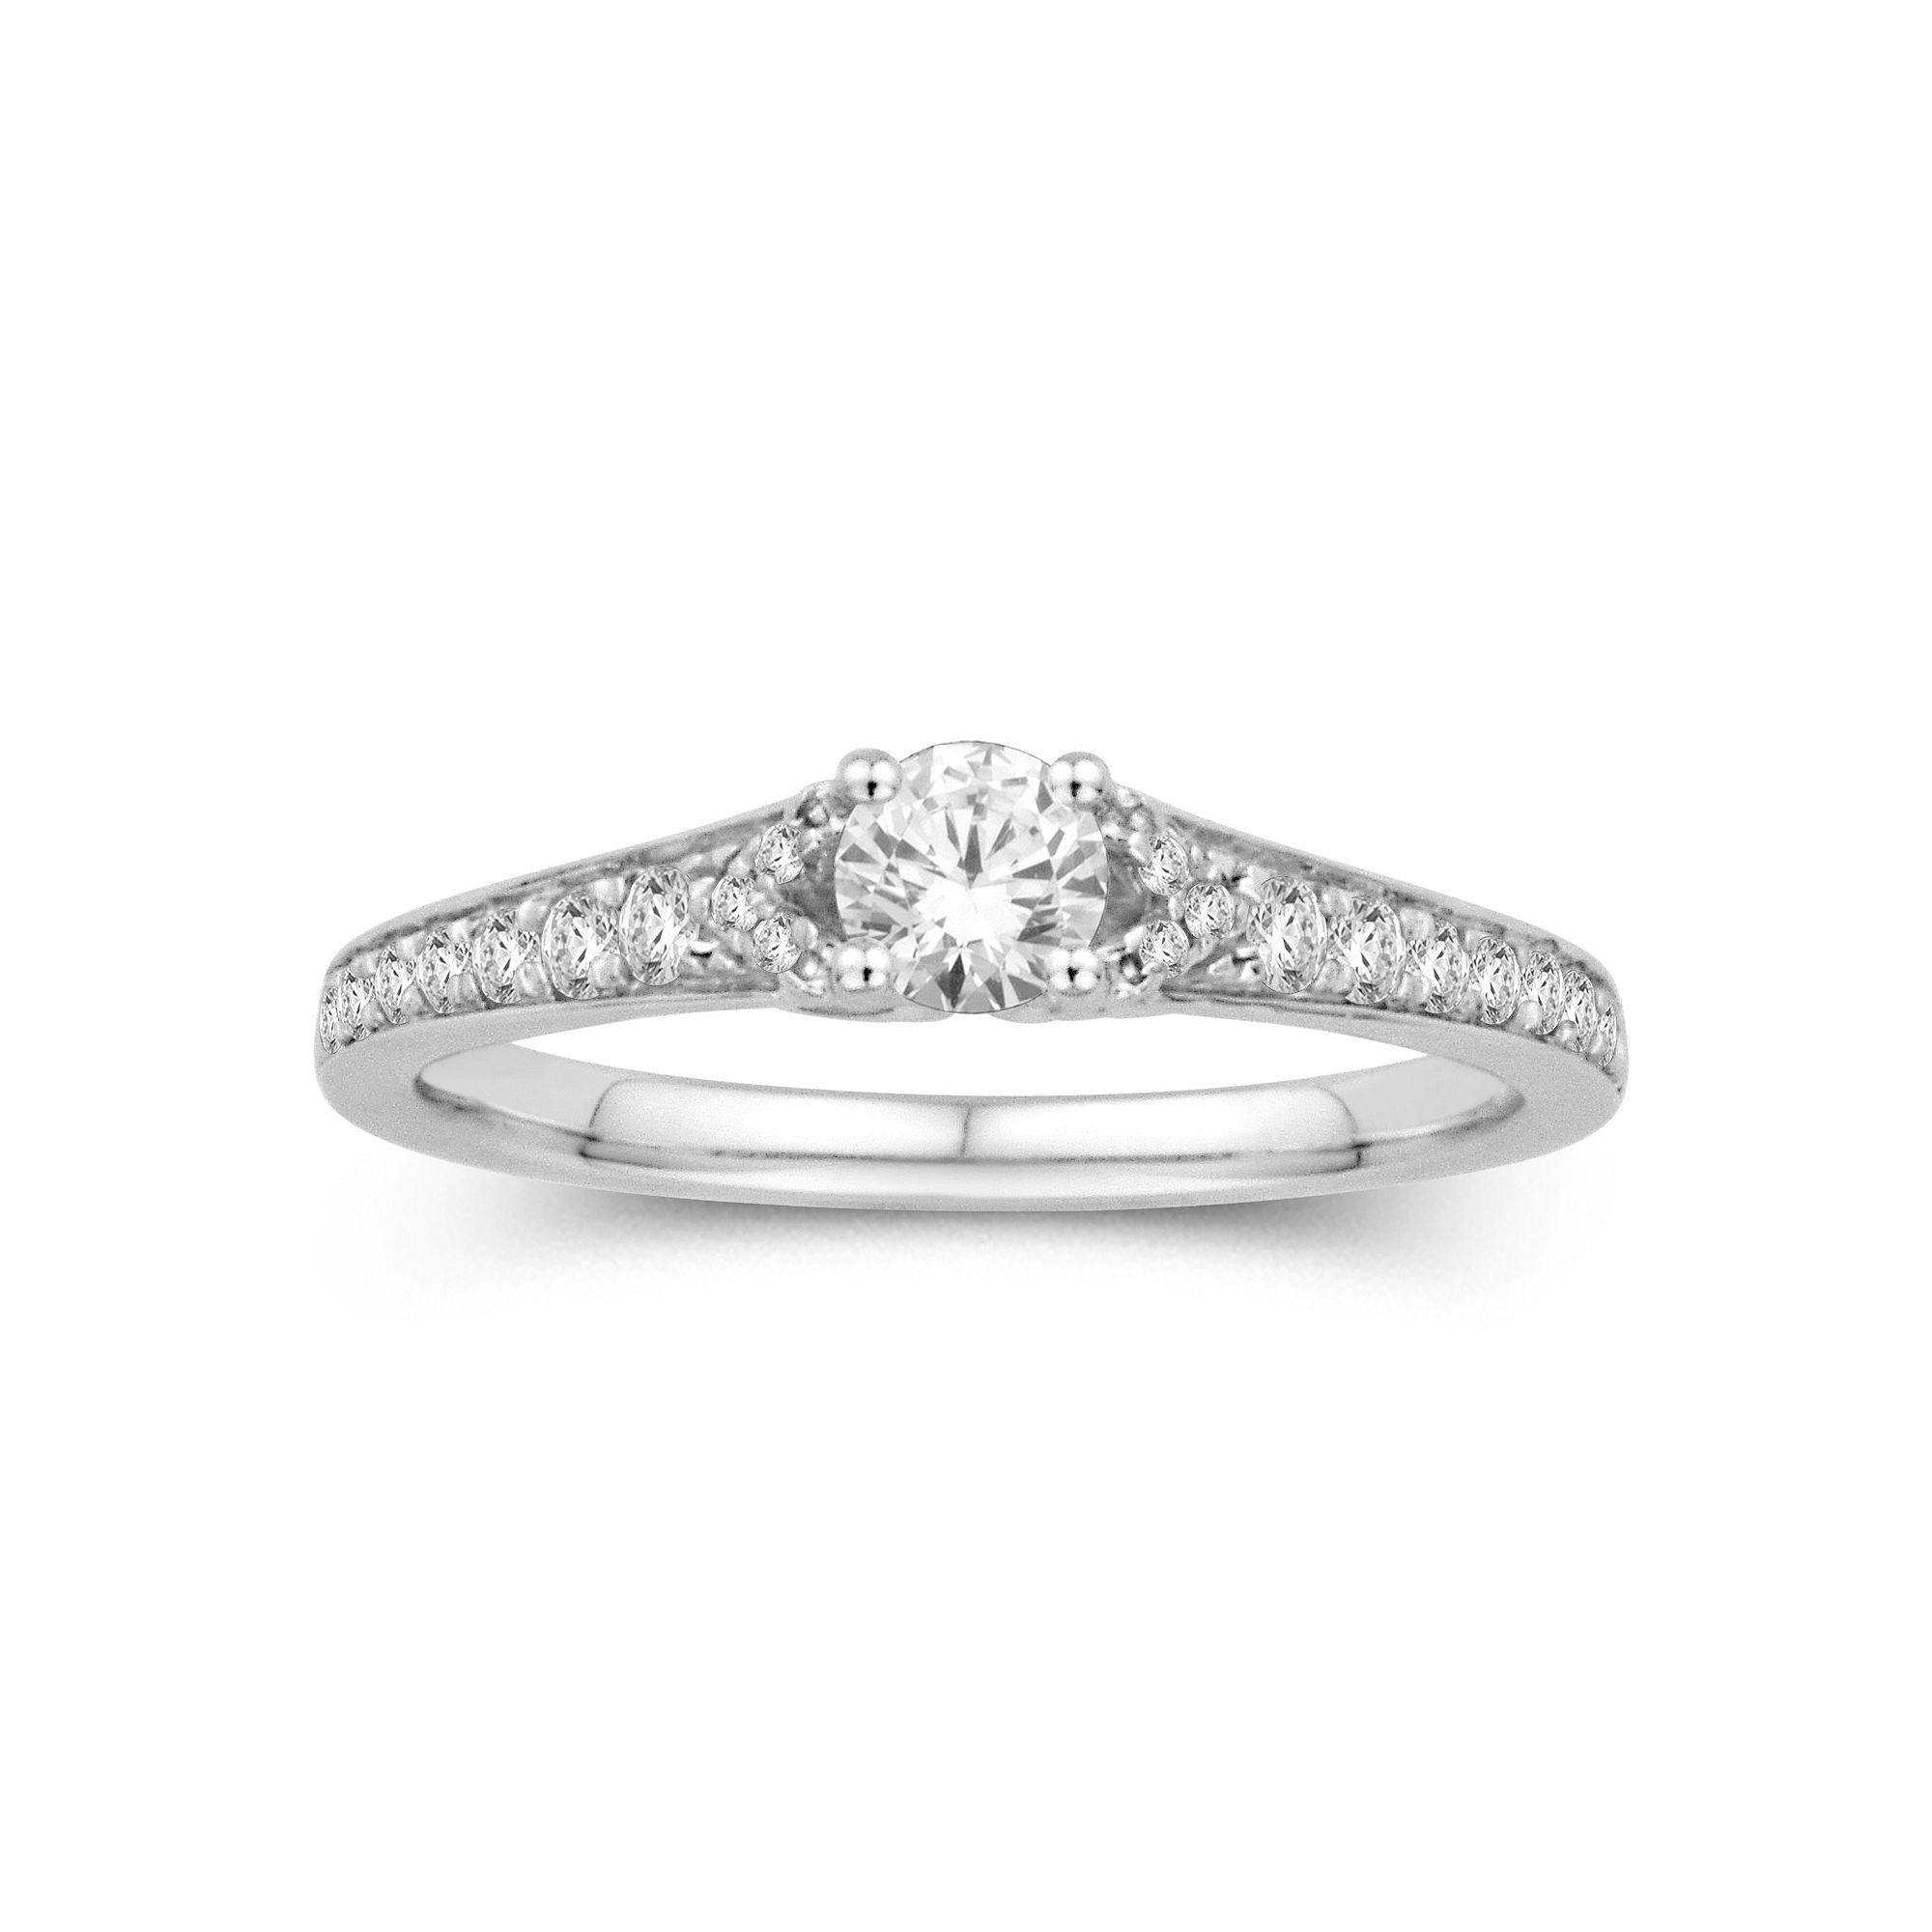 Tw 14k White Gold Diamond Ring Jcpenney